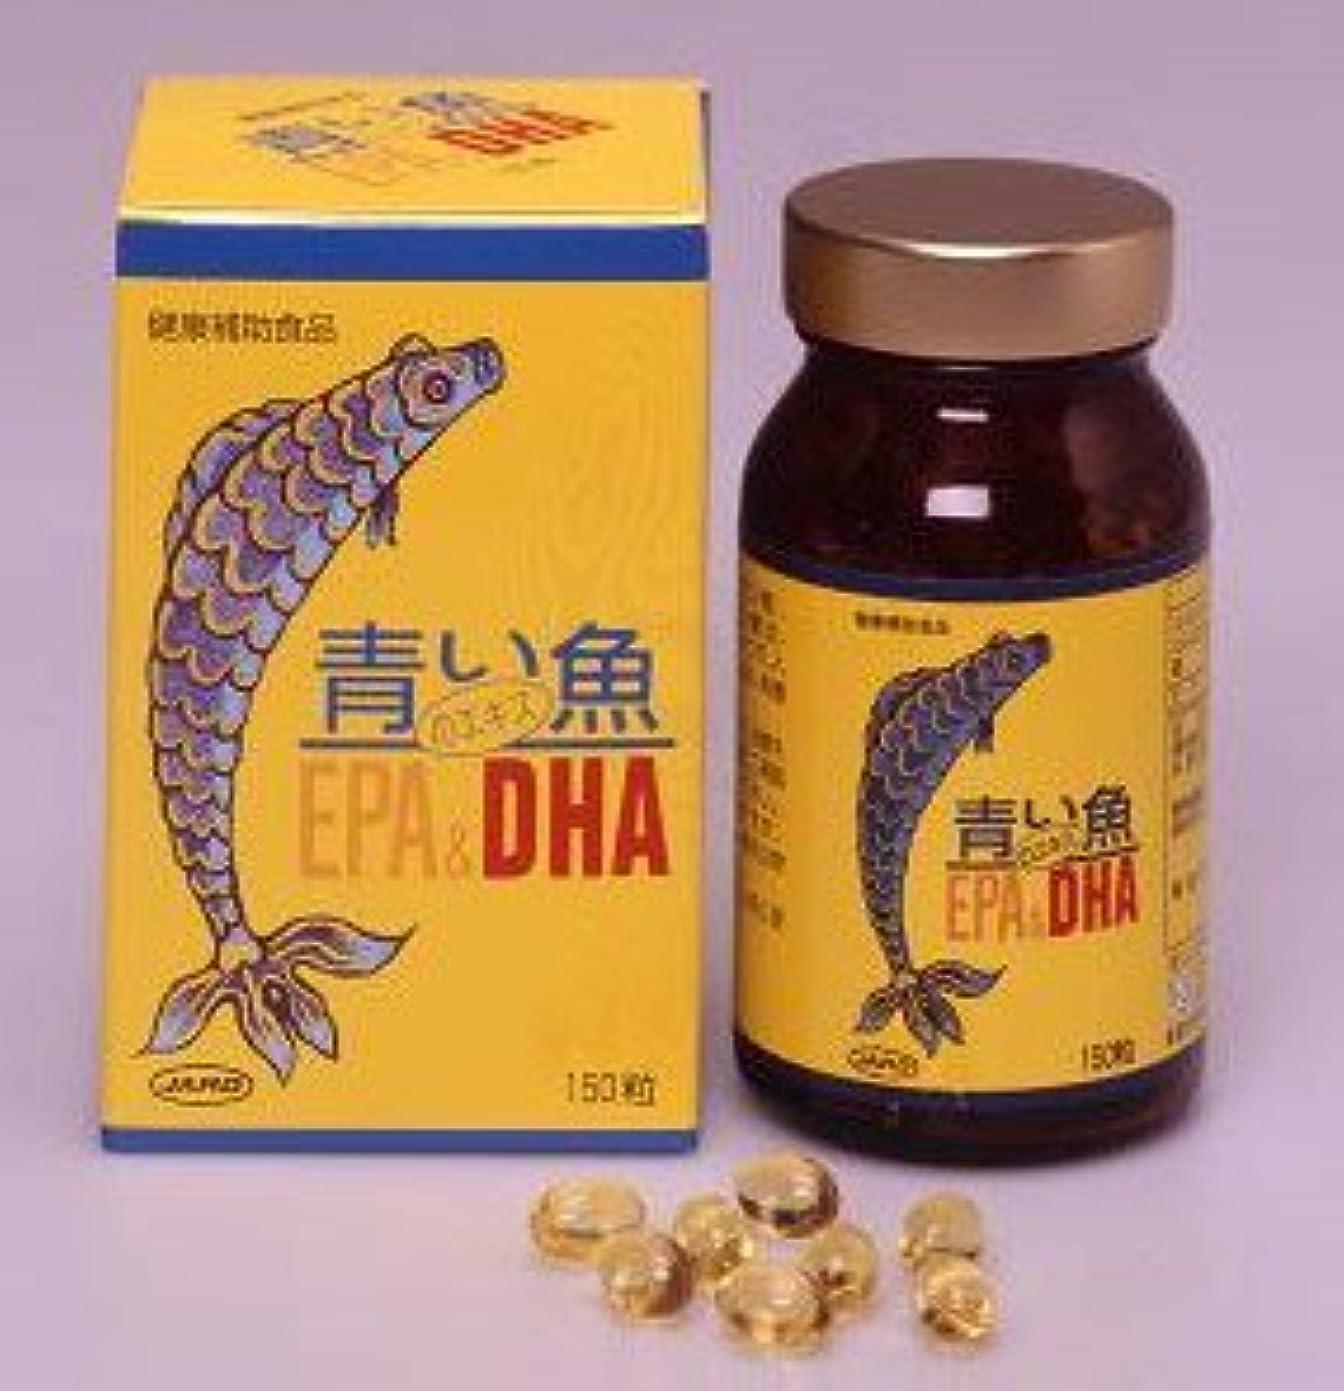 永遠のアート毎年青い魚のエキスEPA&DHA(単品)ジャード